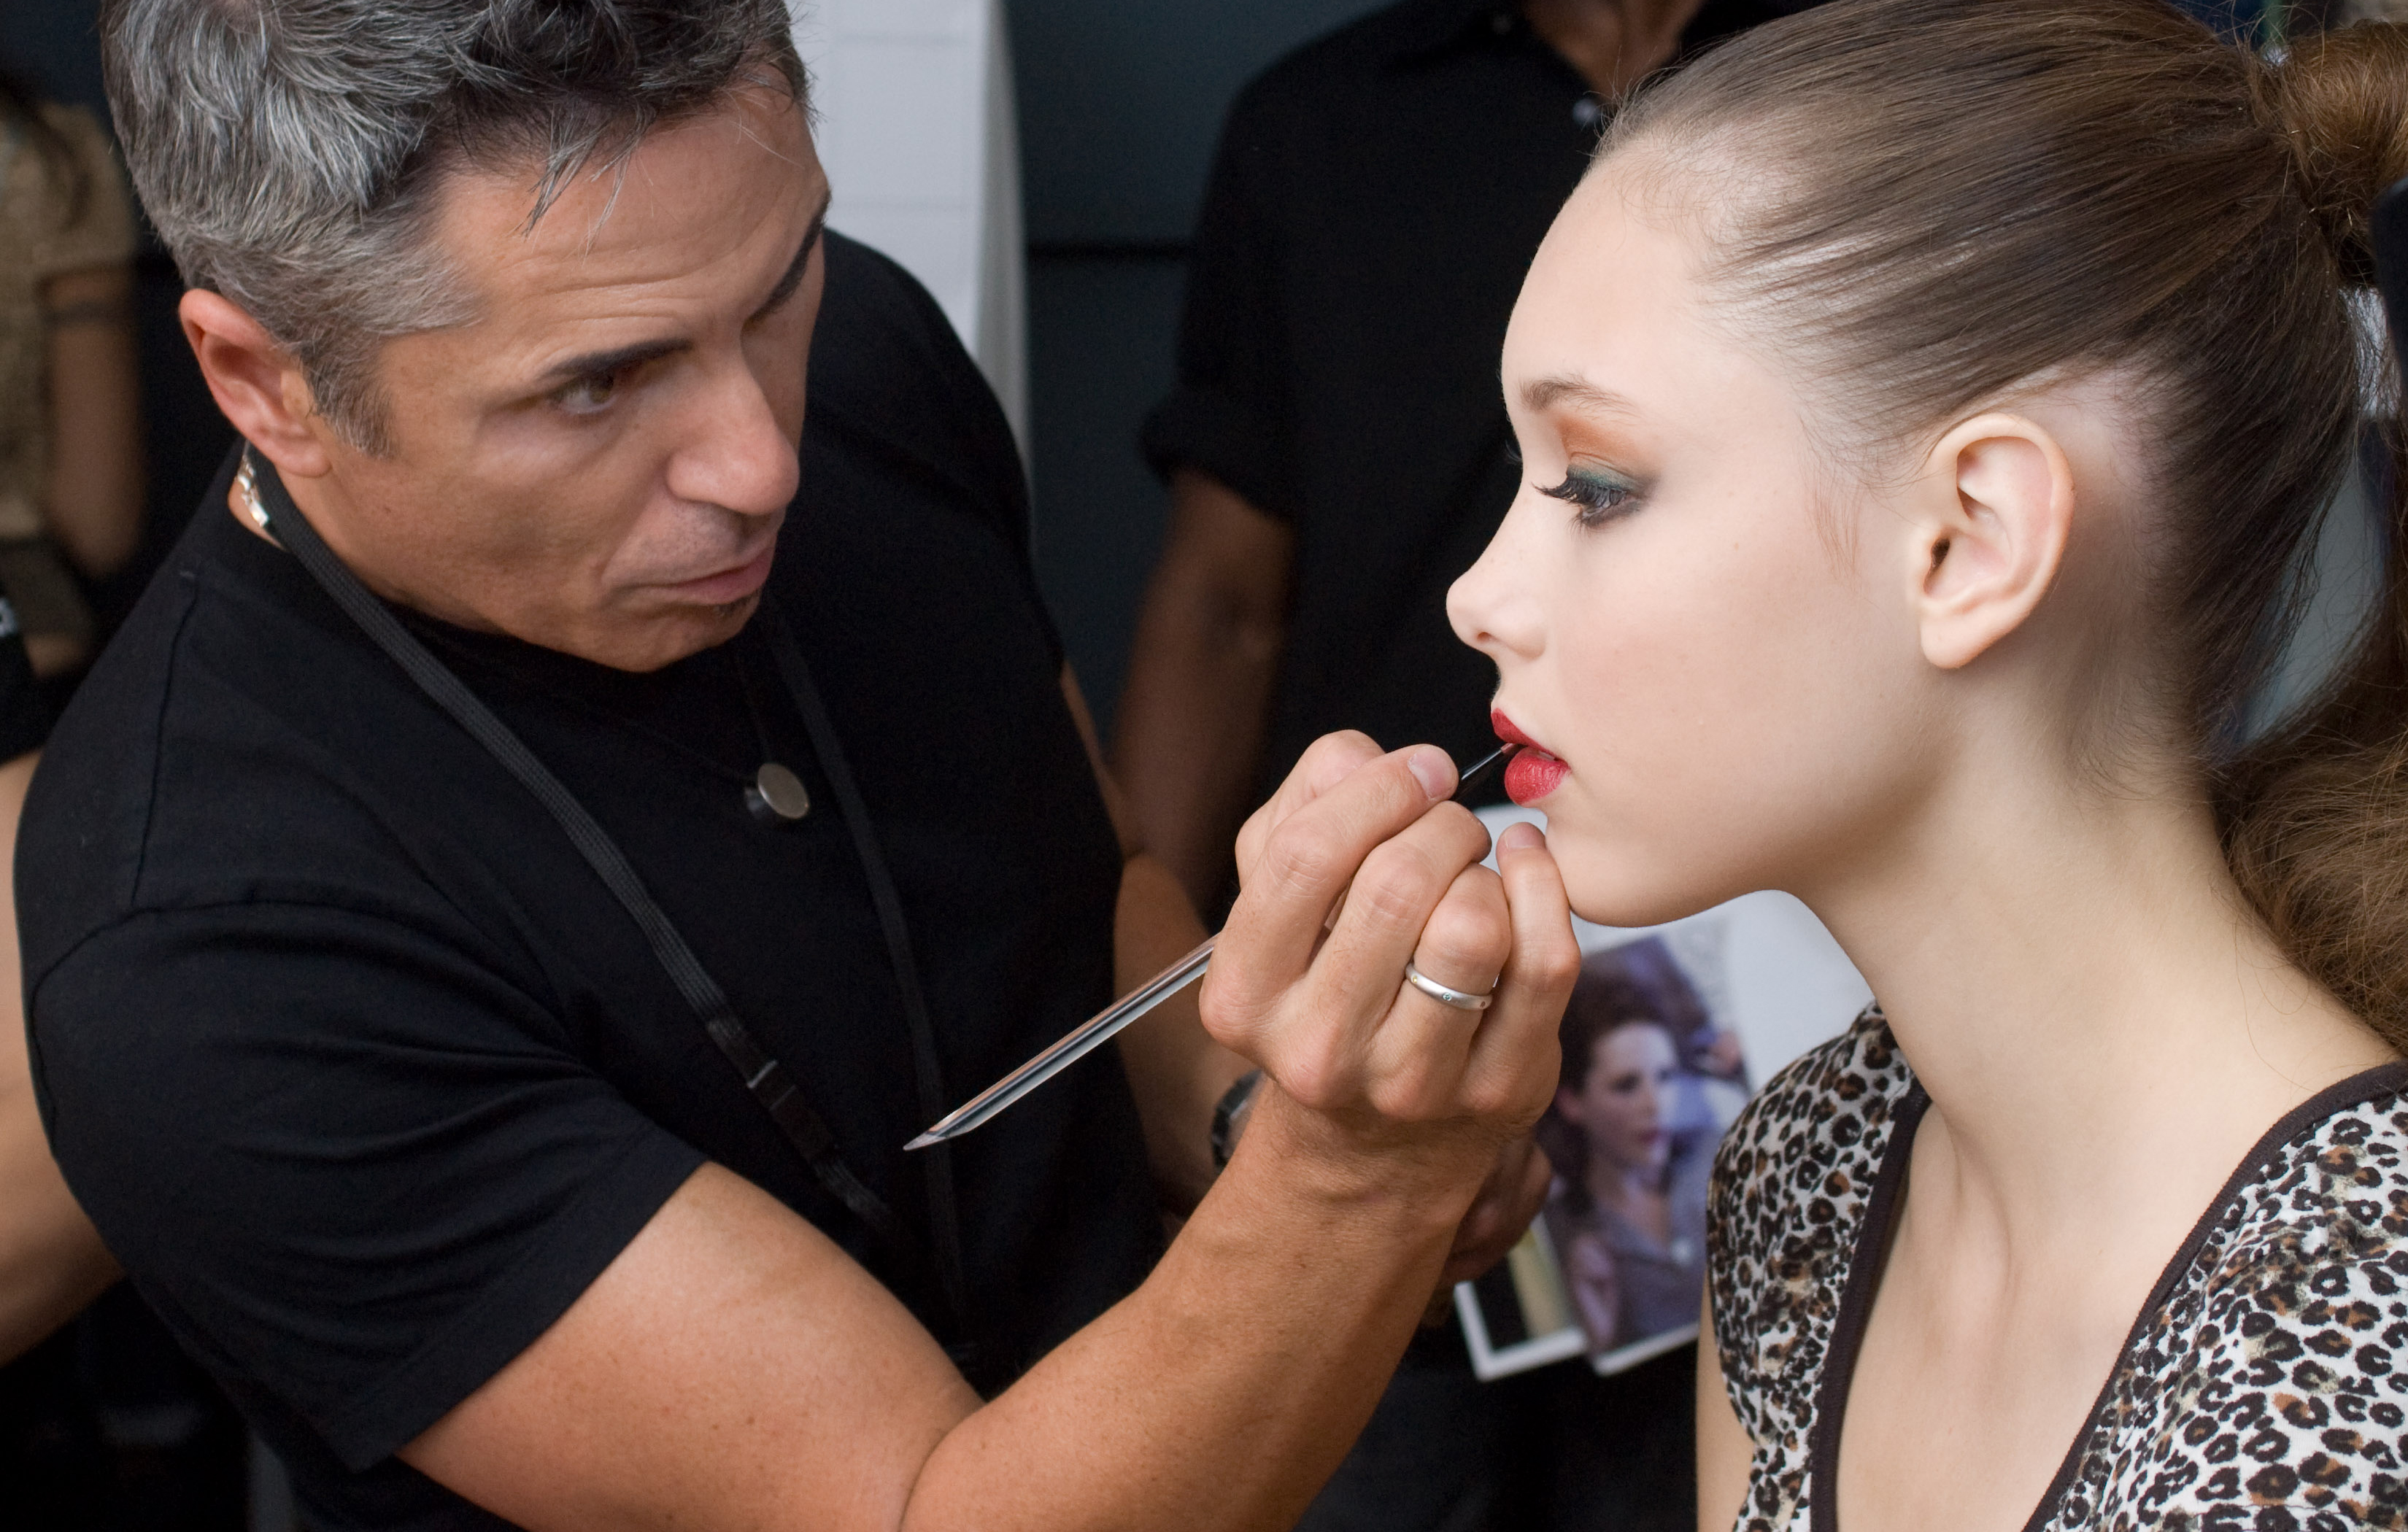 Makeup artist course duration